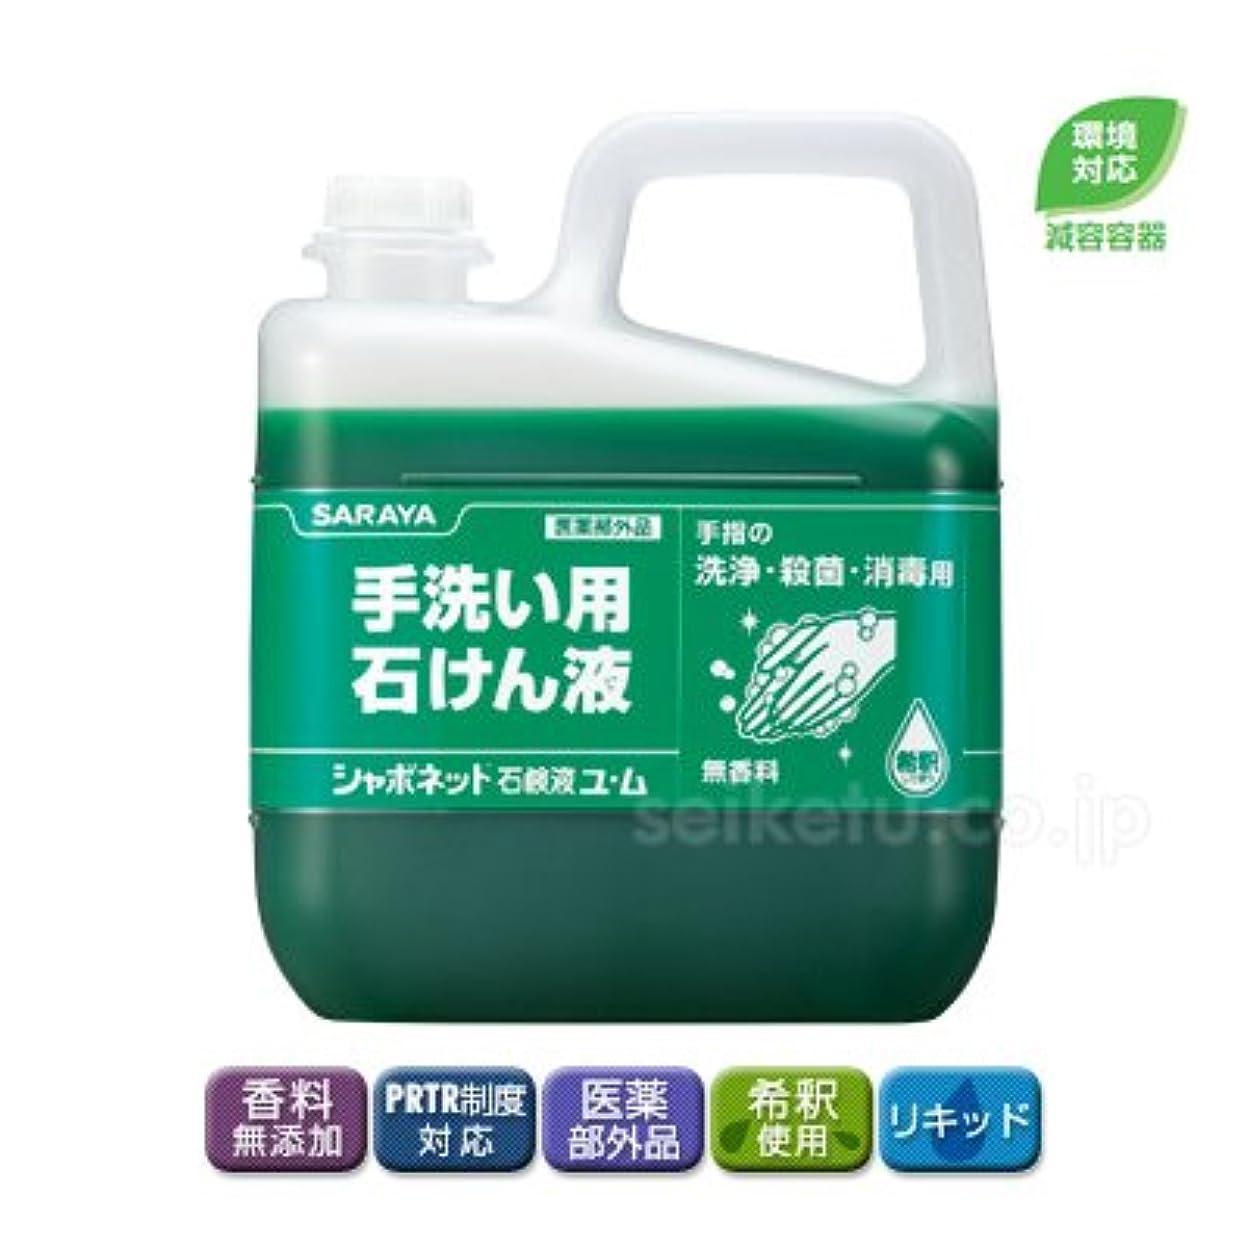 【清潔キレイ館】サラヤ シャボネット石鹸液ユ?ム(5kg)